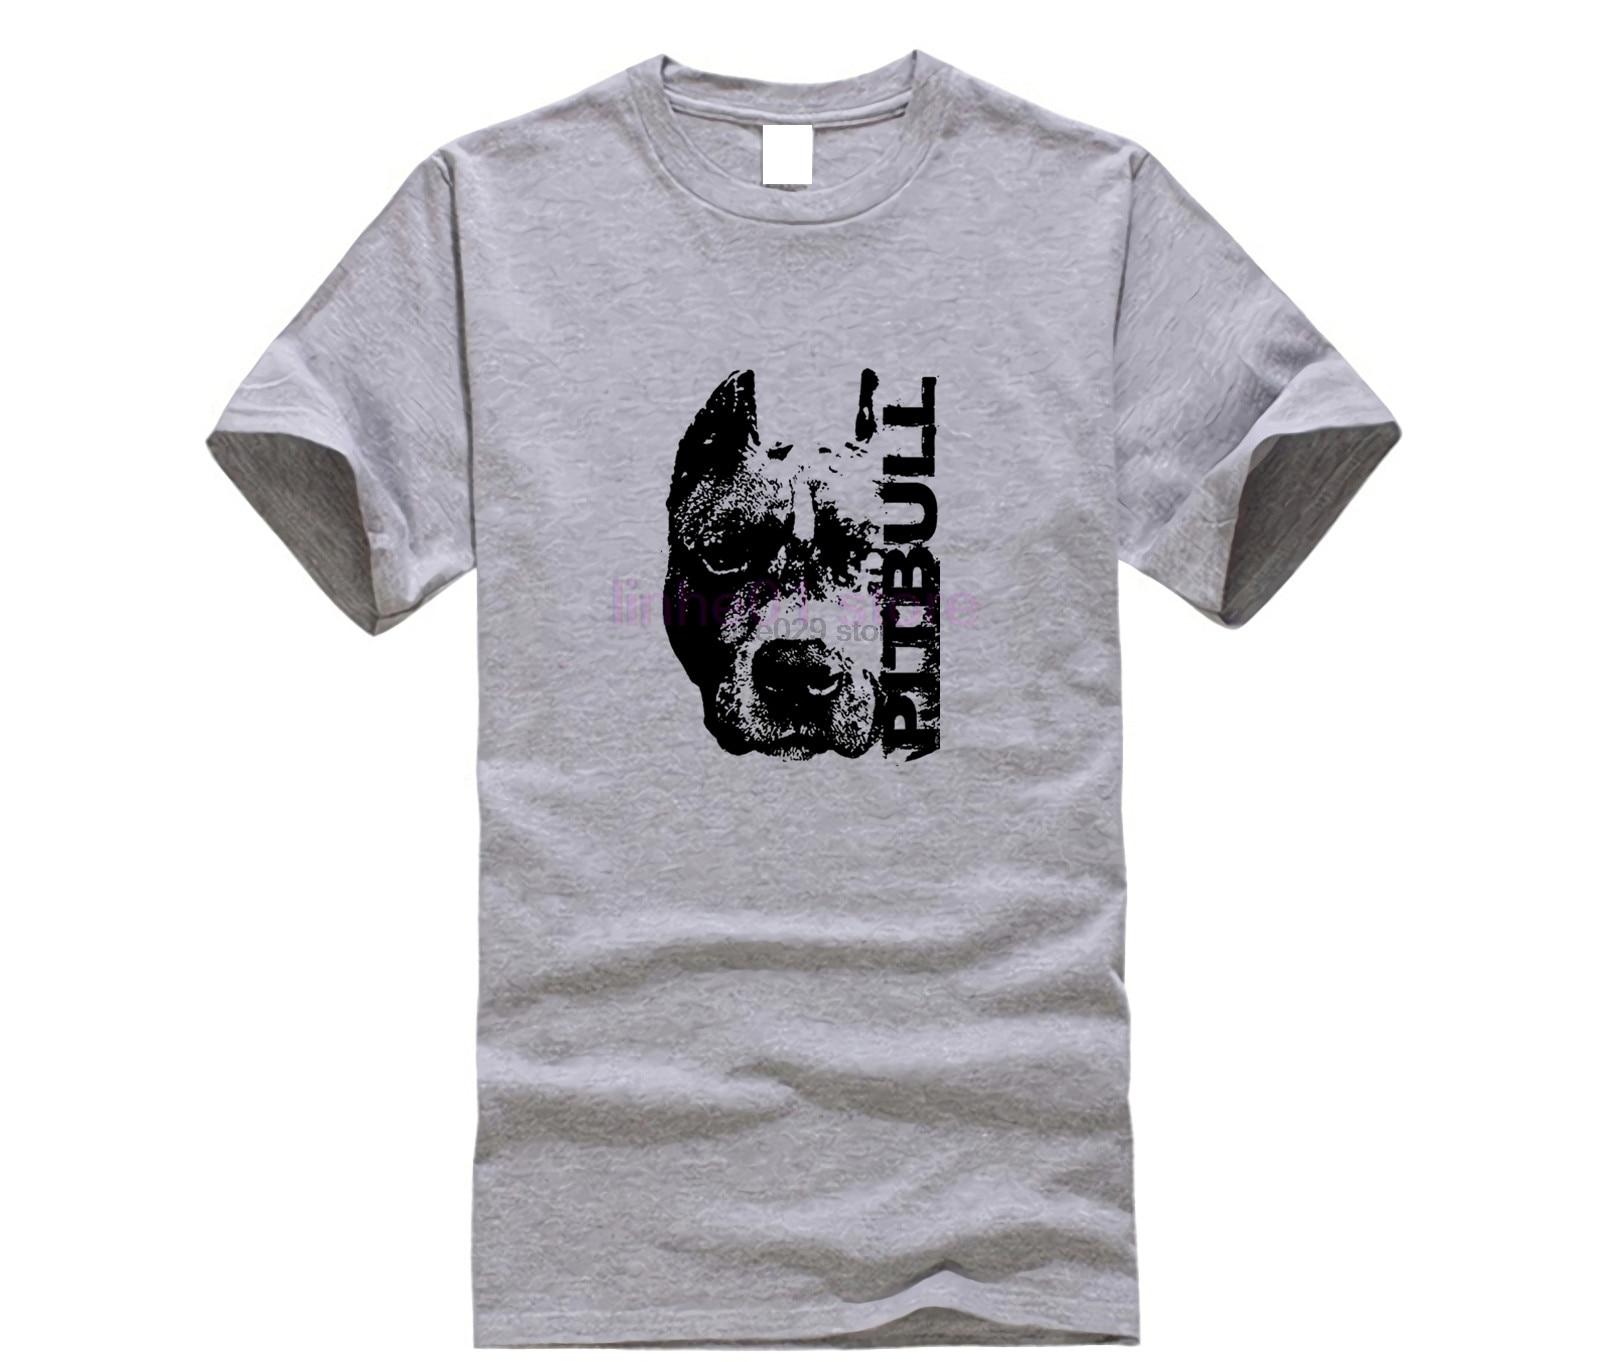 Забавная Мужская футболка, футболки с принтом, Мужская футболка в стиле Харадзюку, с рисунком питбуля, головы собаки, питбуля, топ питбуля, д...